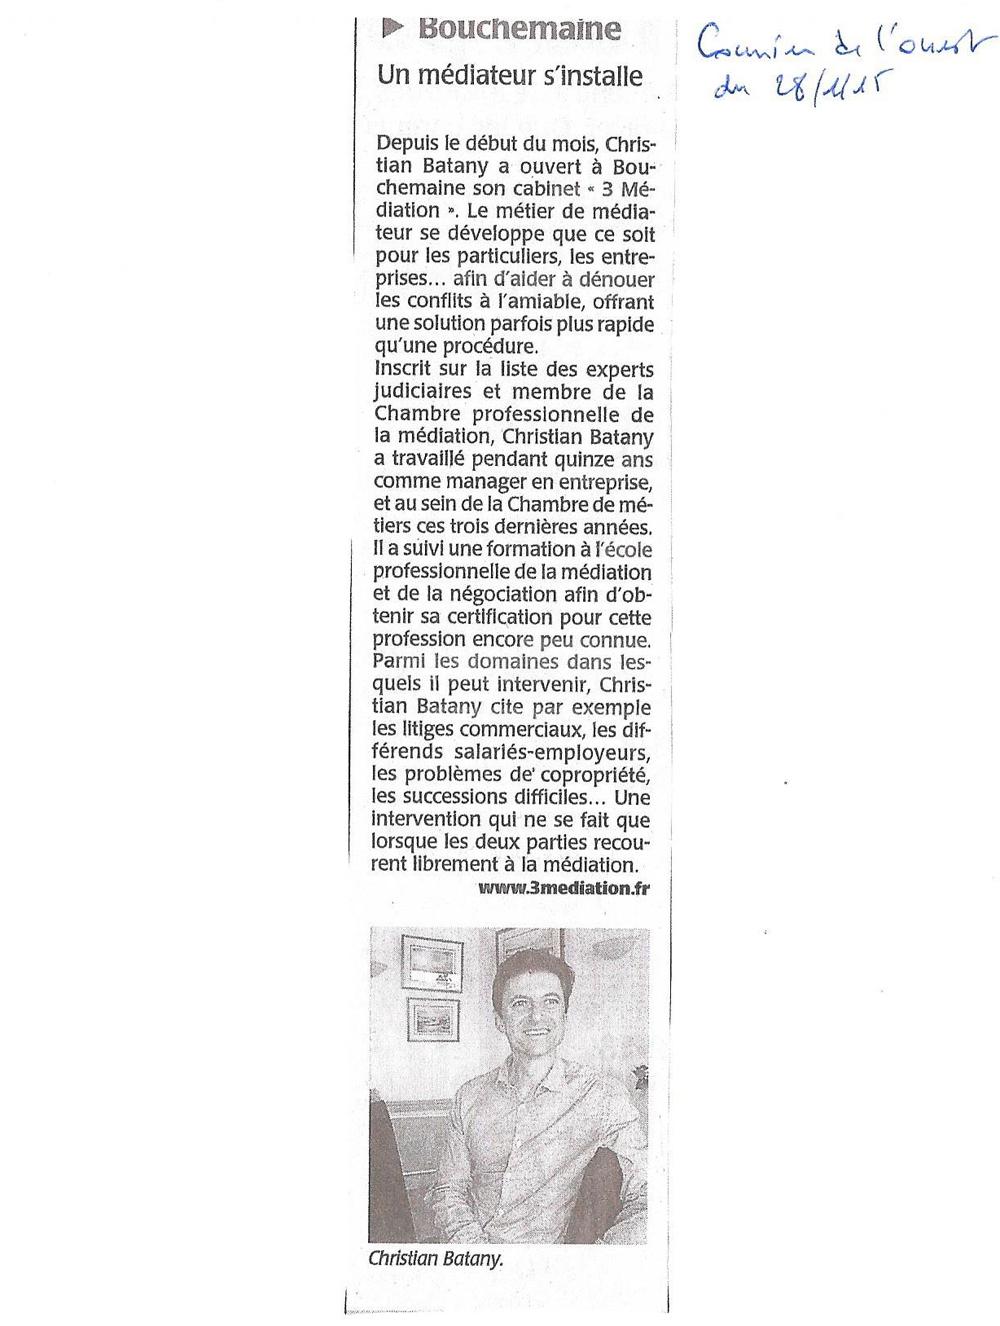 Courrier de l'ouest du 28/01/2015 : Bouchemaine. Un médiateur s'installe